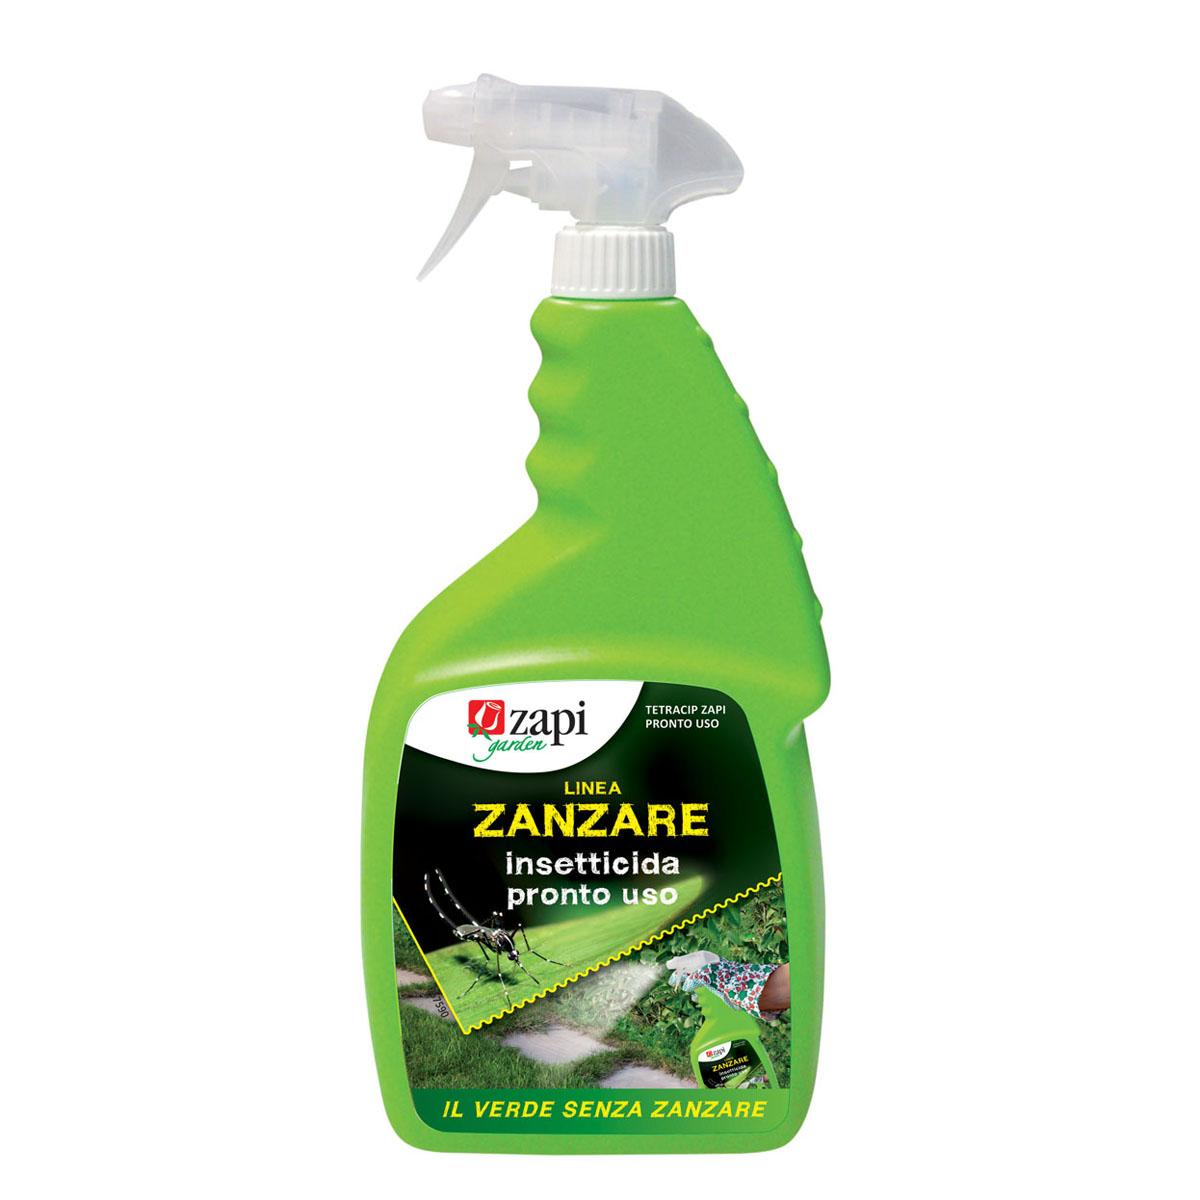 Zapi Zanzare Insetticida Pronto Uso 1 l